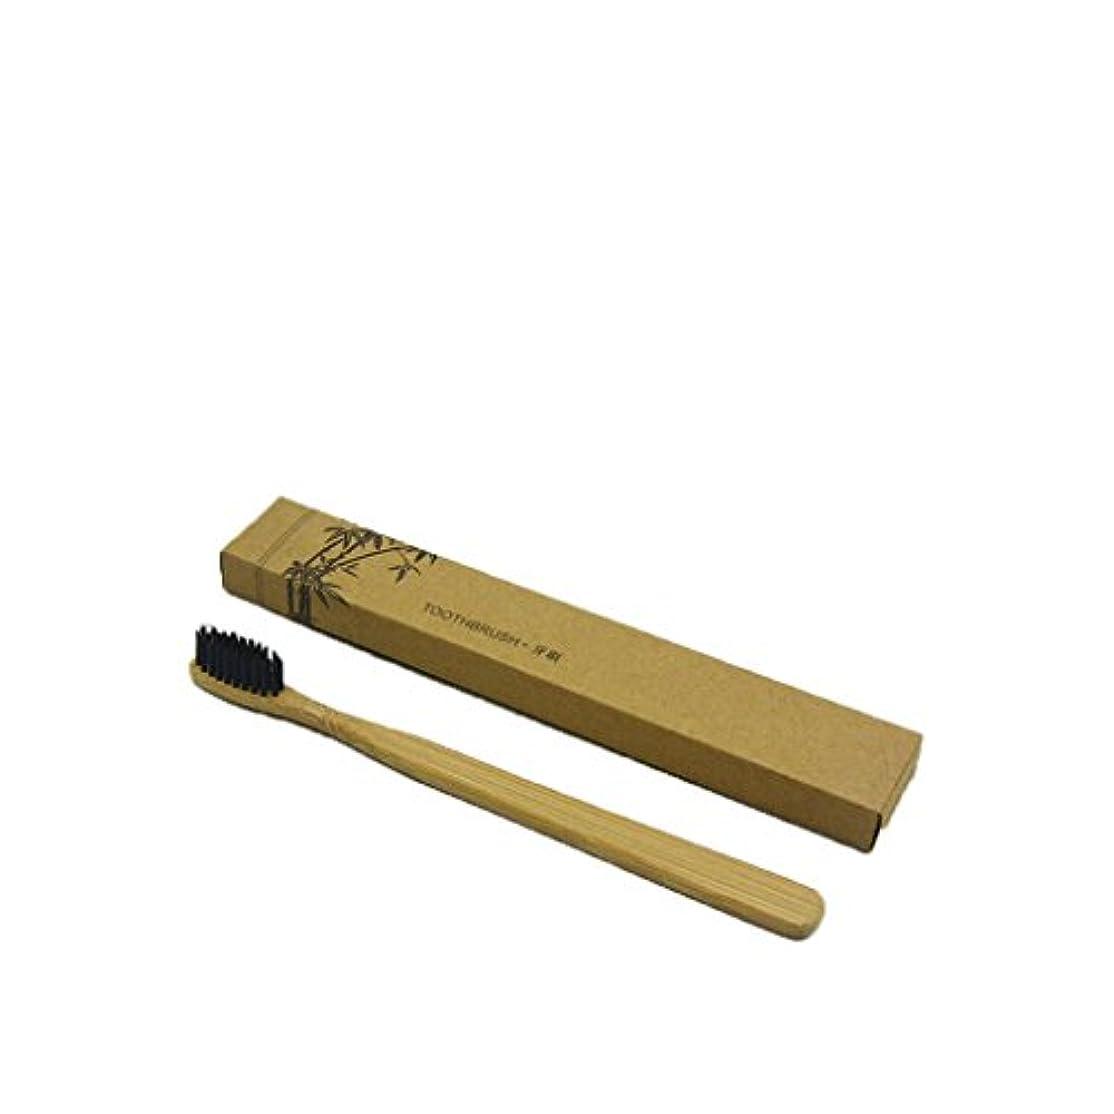 自分自身スティックスーパーSuika Suika 竹製歯ブラシ ミディアム及びソフト、生分解性、ビーガン、バイオ、エコ、持続可能な木製ハンドル、ホワイトニング 歯 竹歯ブラシ